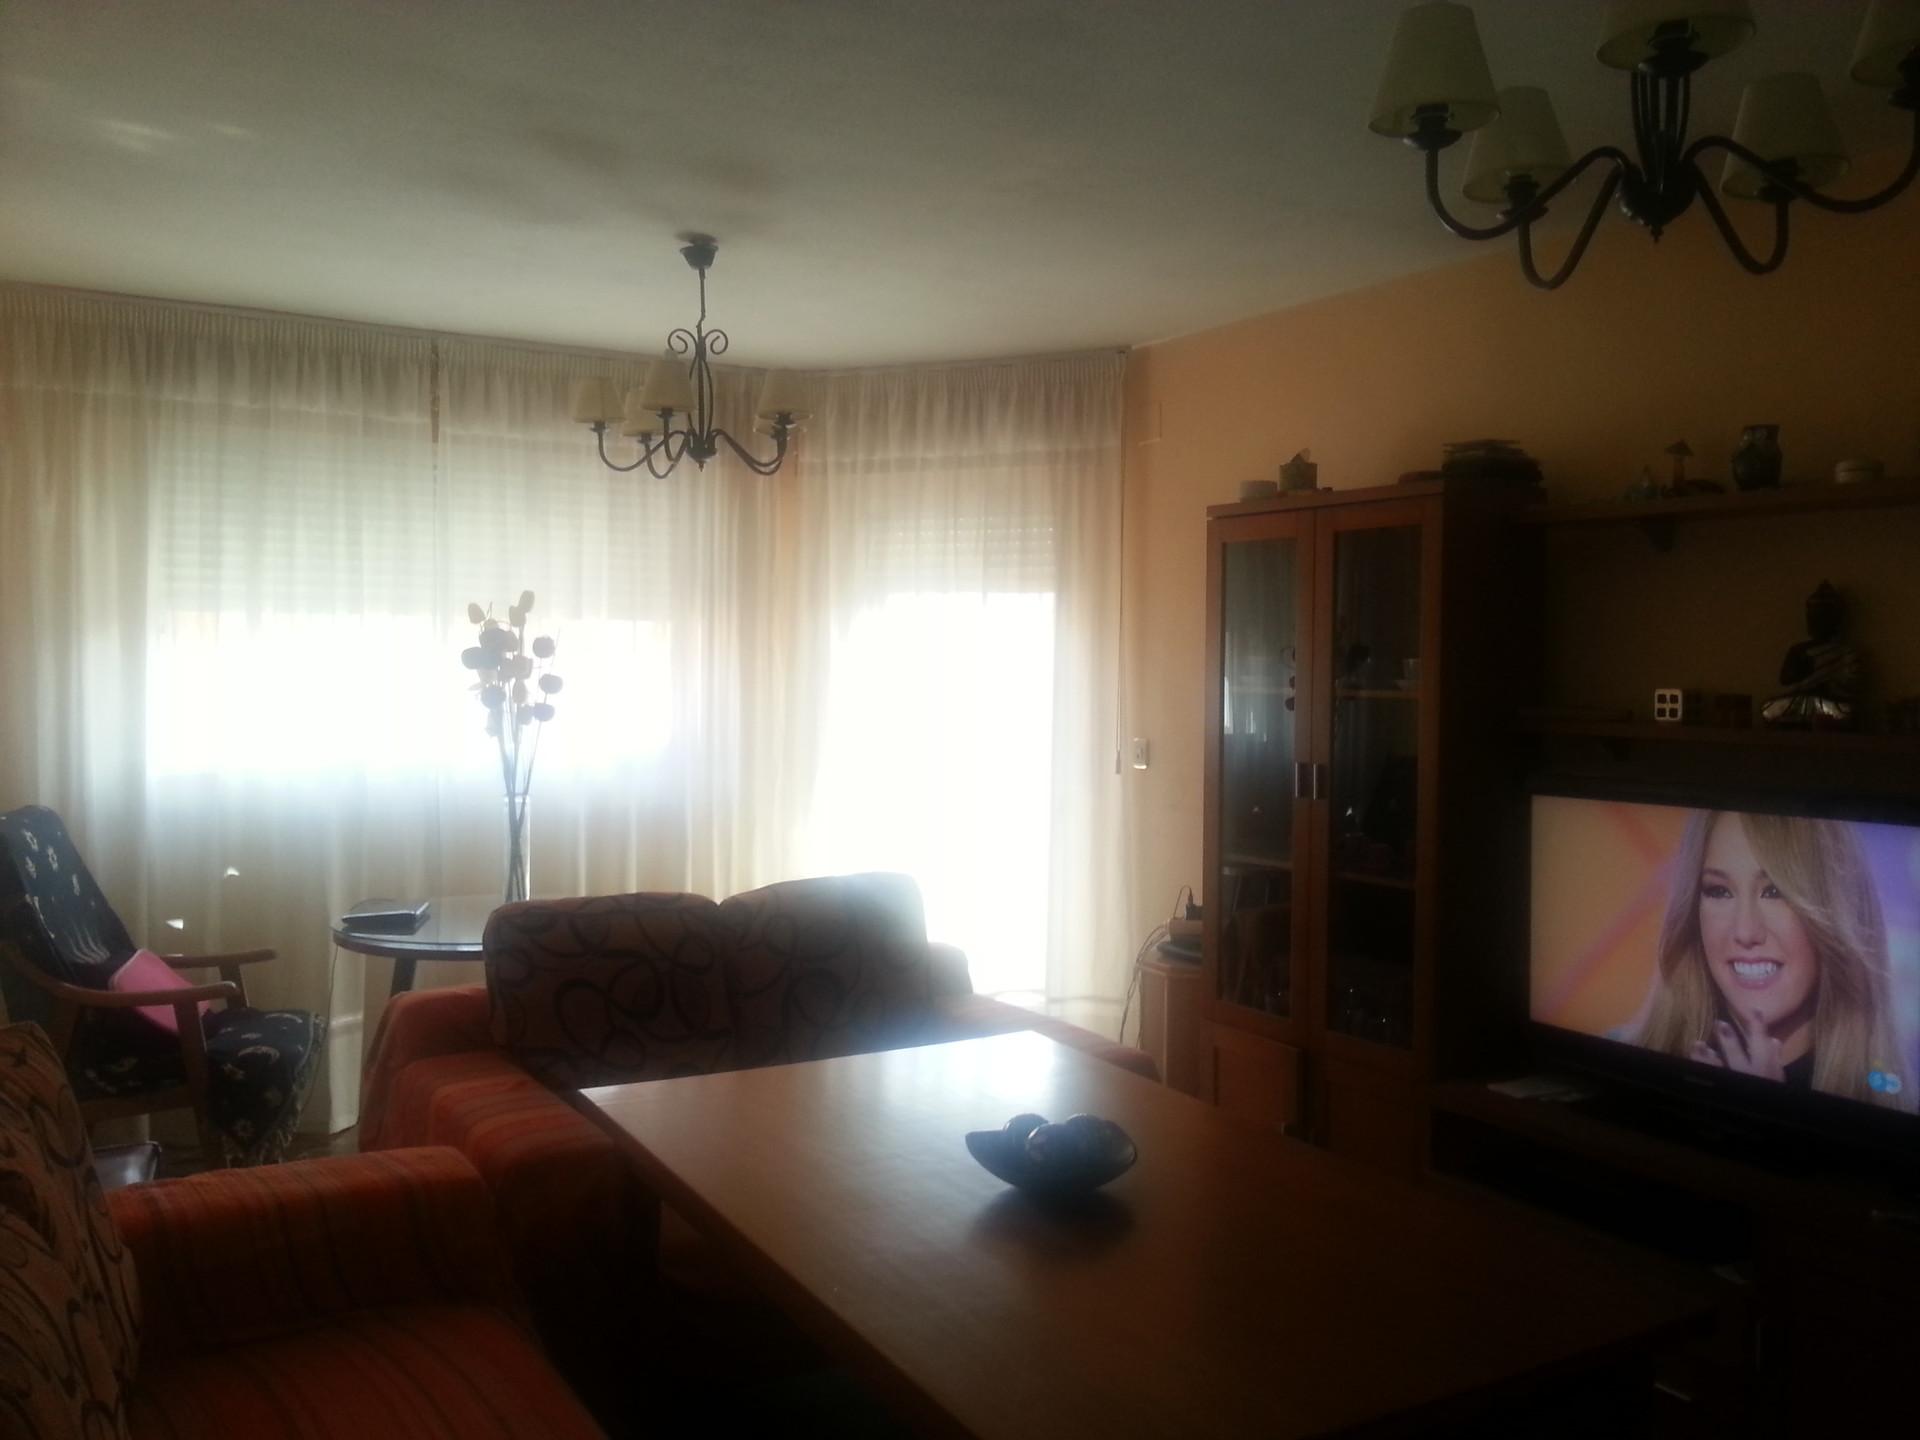 piso-luminoso-economico-c68ea4c501b35de8053204c8b30ba2f3